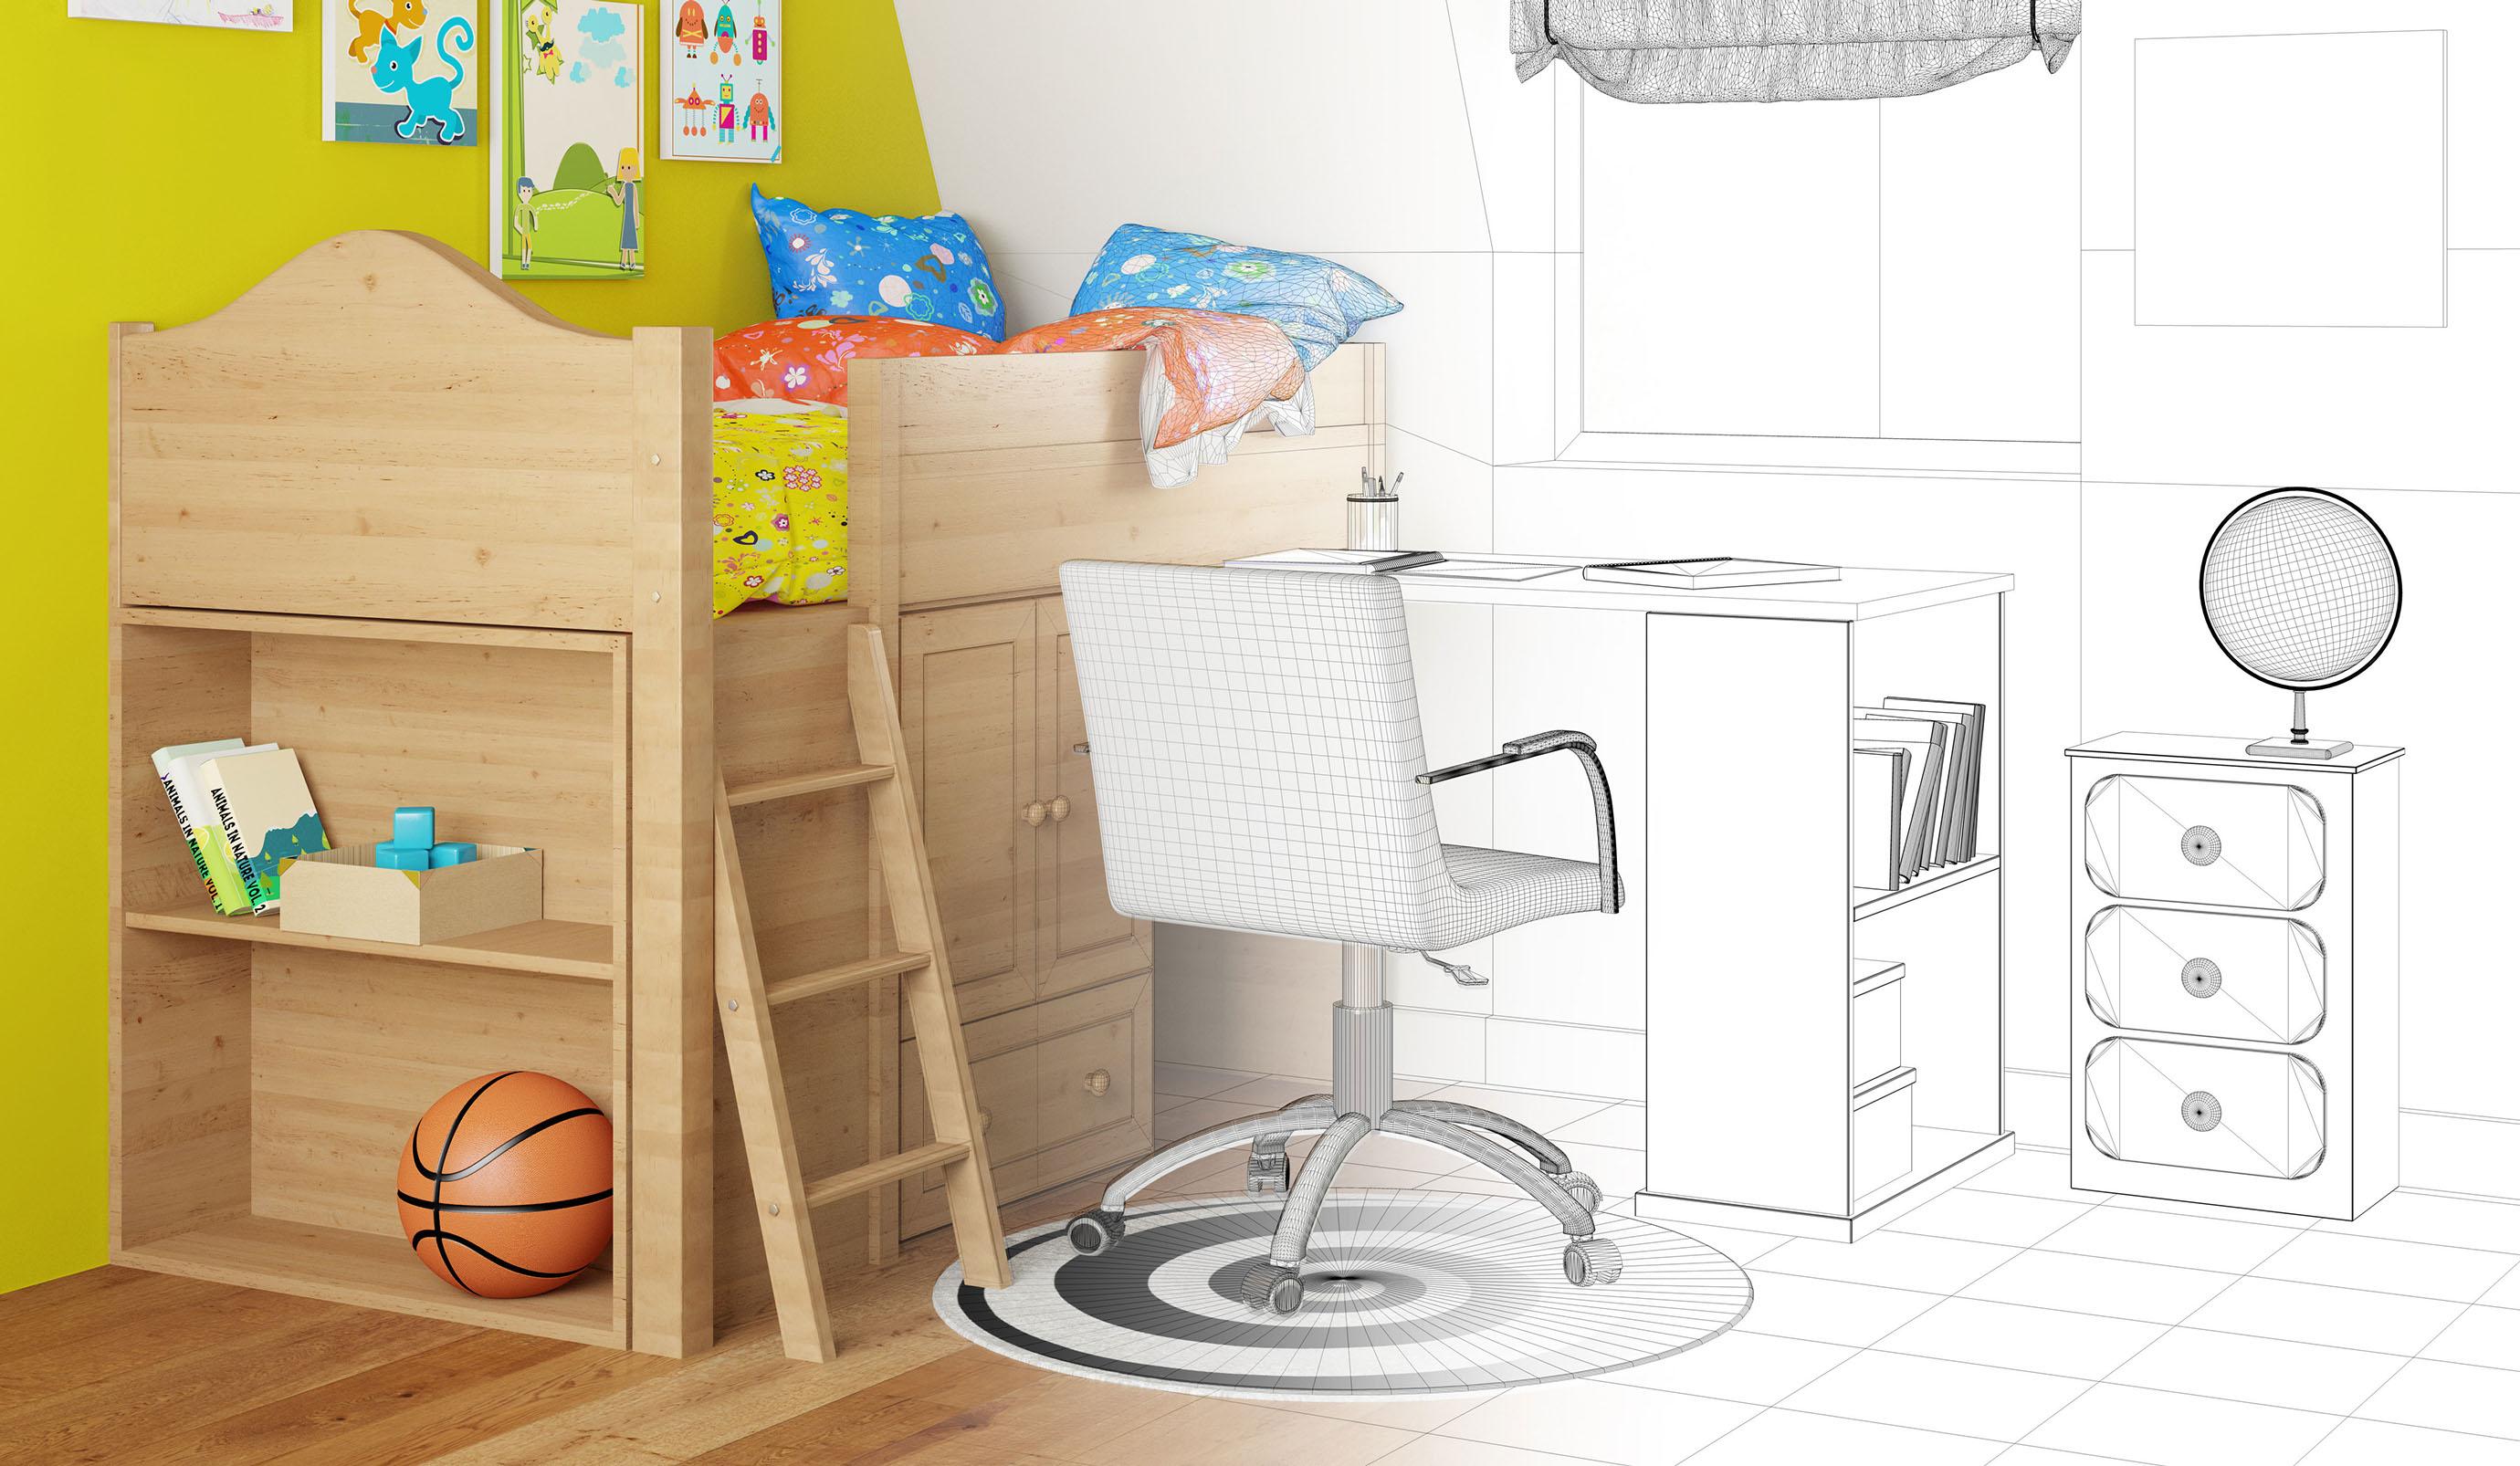 Muebles baratos en salamanca mueble de saln en color - Muebles a medida salamanca ...